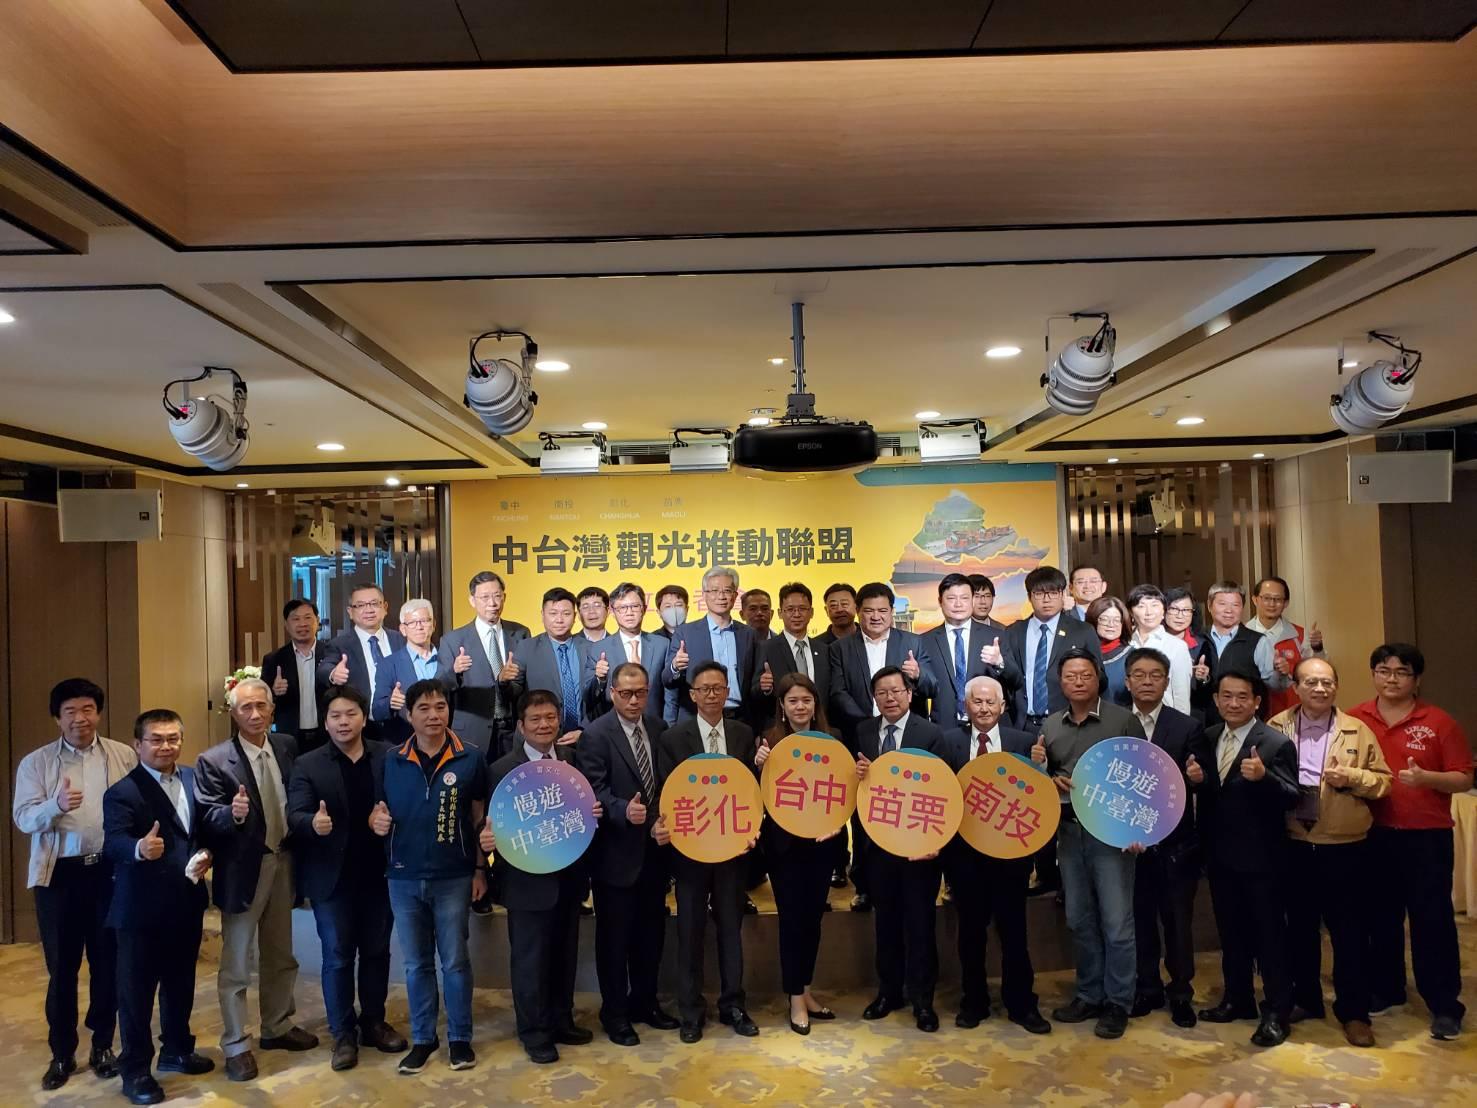 彰化產官加入中台灣觀光推動聯盟,共拚觀光